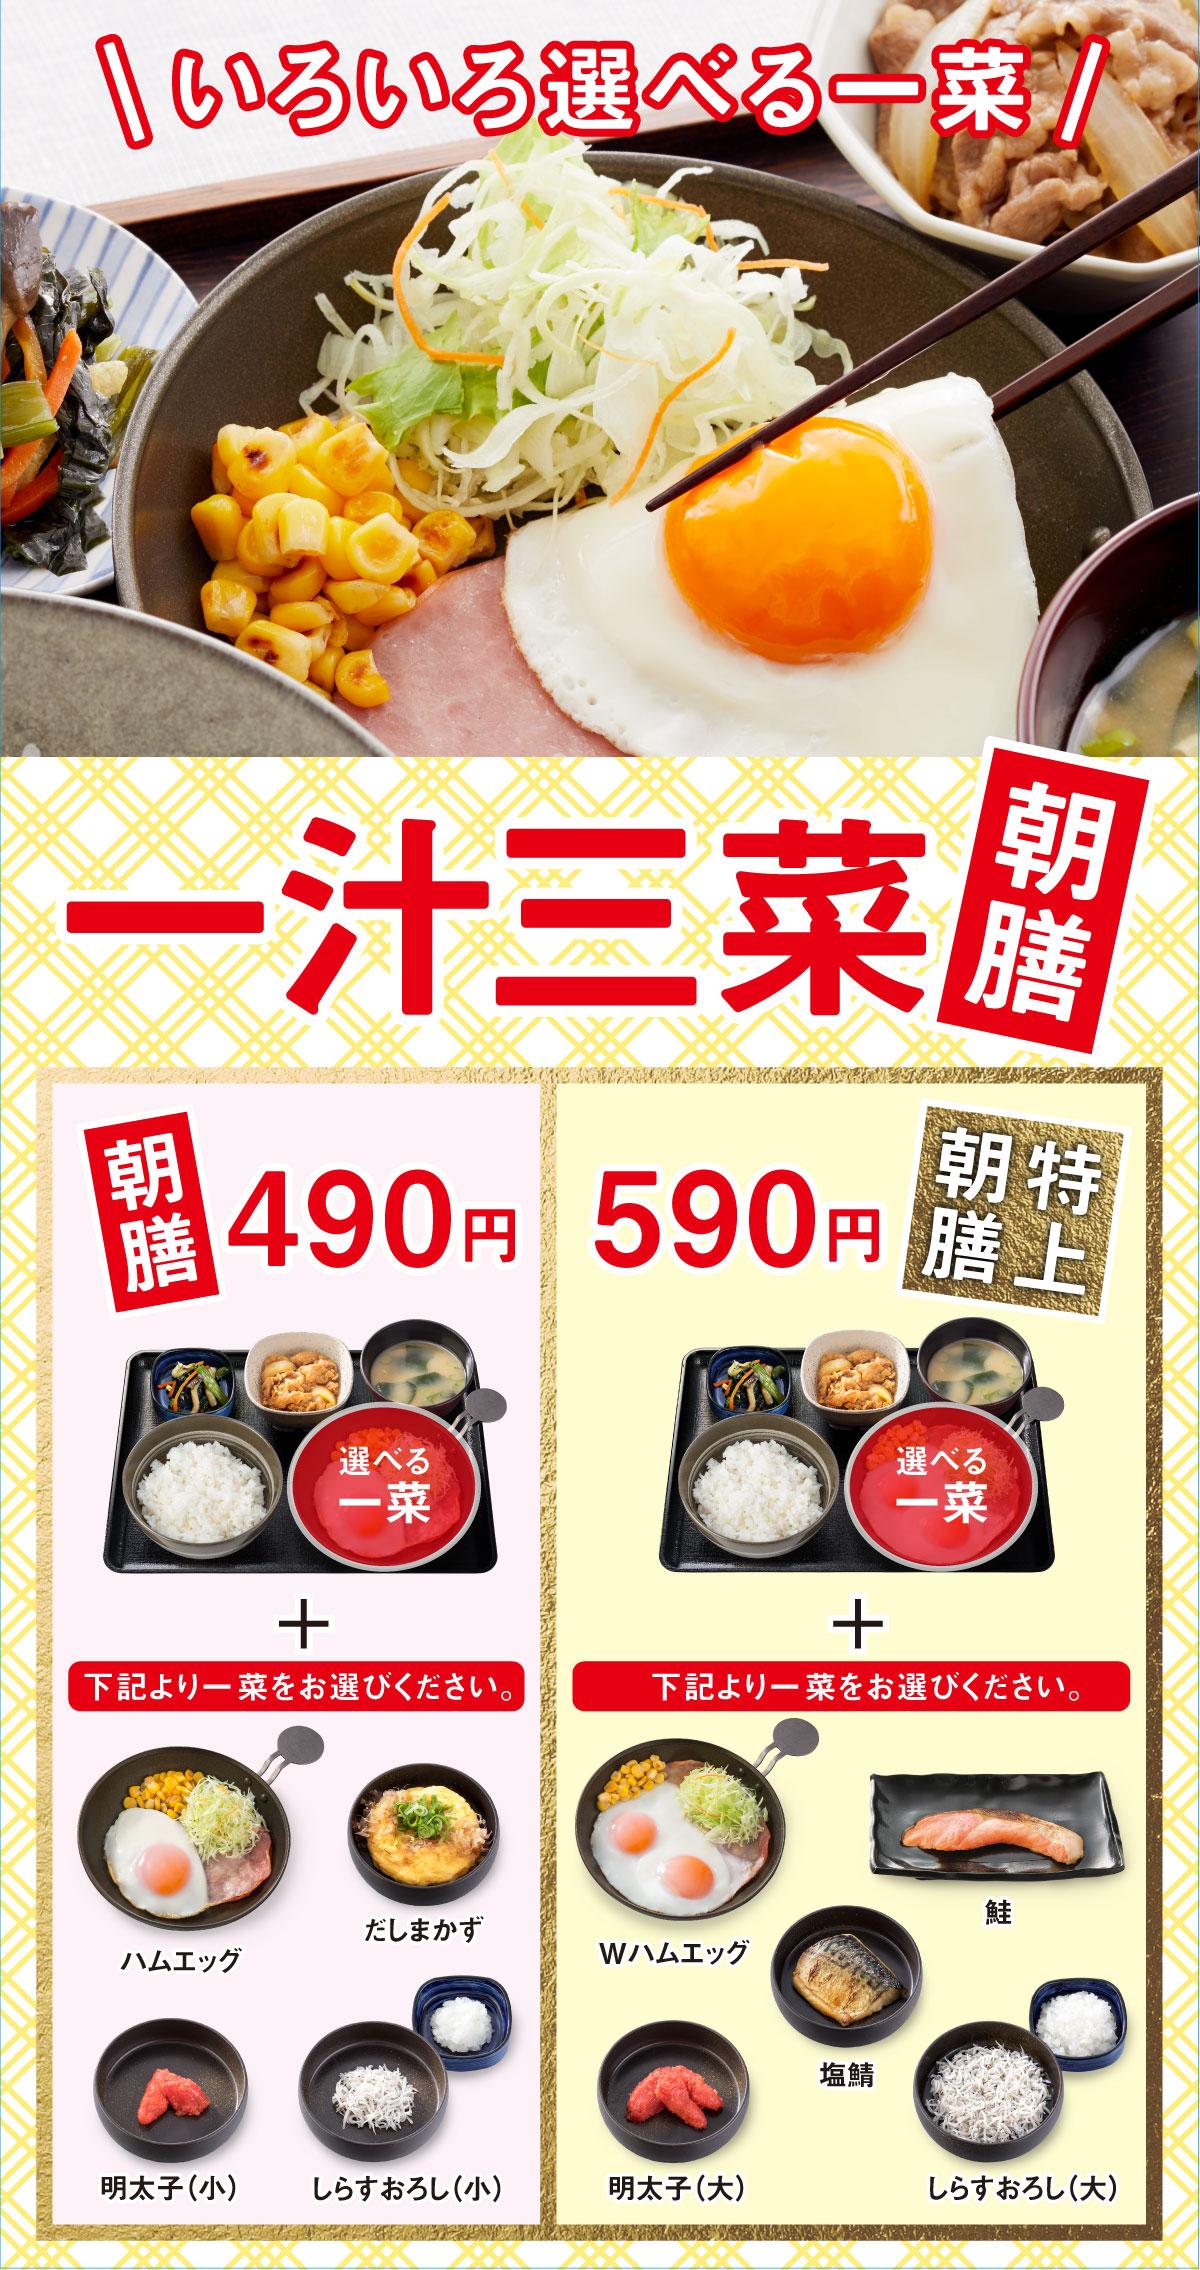 福岡限定商品 新朝ごはん「一汁三菜朝膳」販売のお知らせ